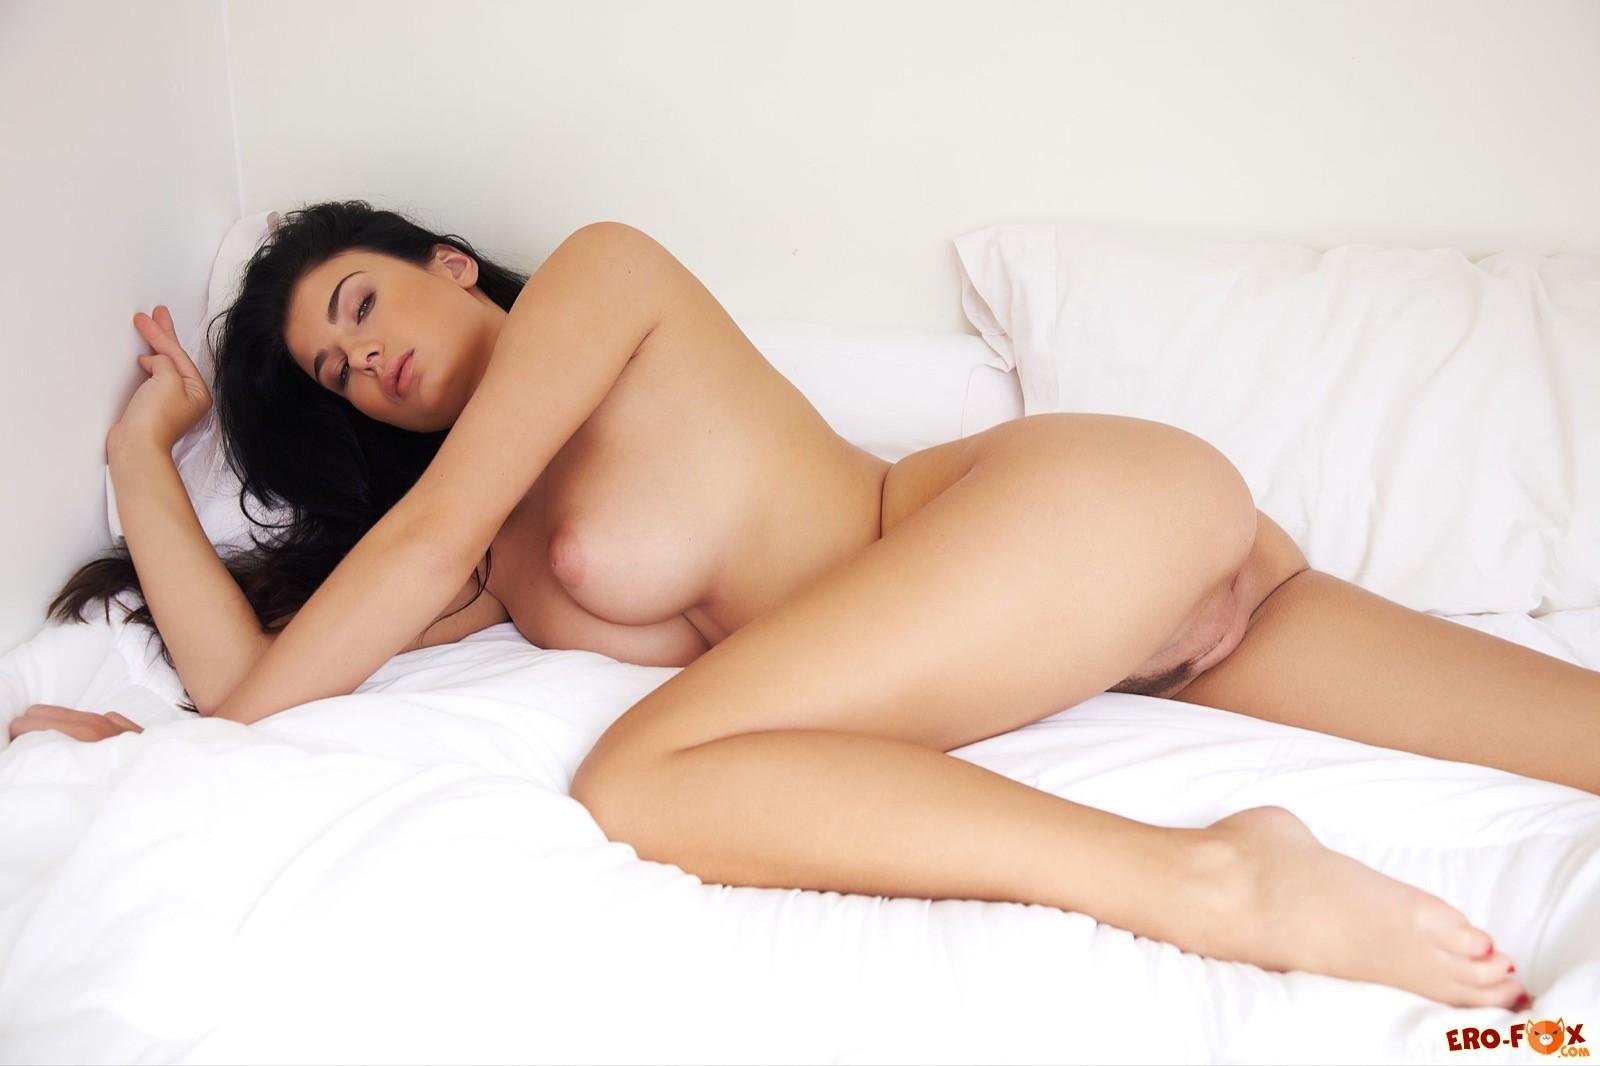 Эффектная брюнетка с пышными дойками в постели